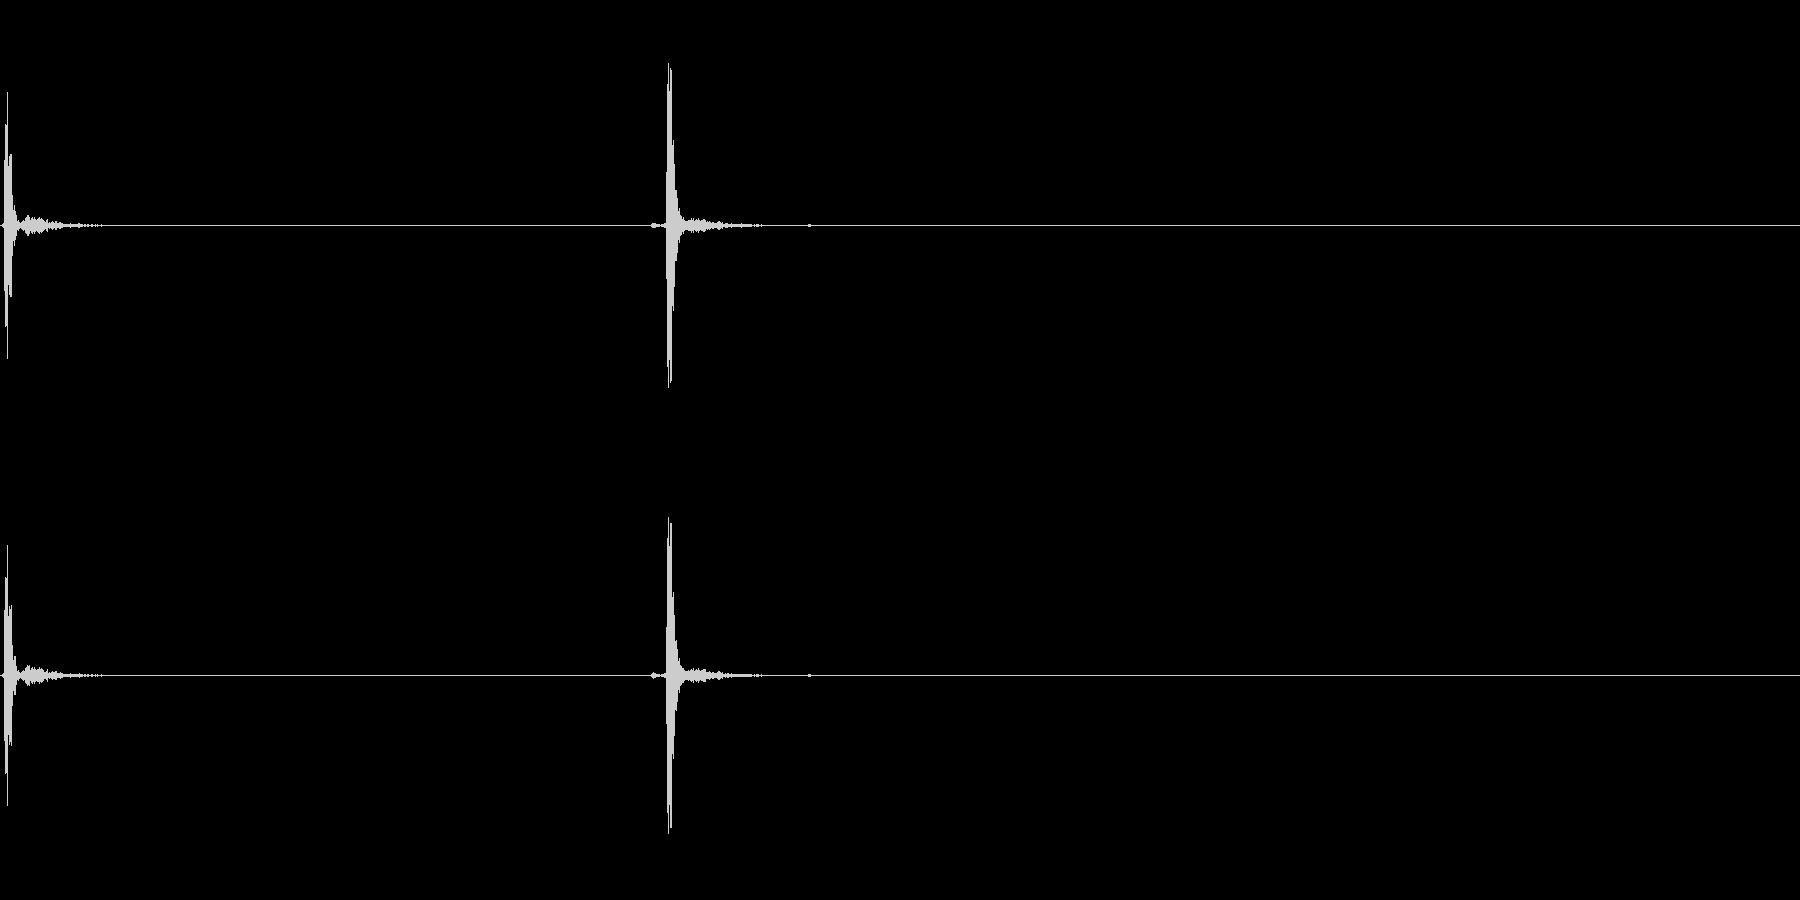 クリック、スイッチ、オン/オフペア...の未再生の波形